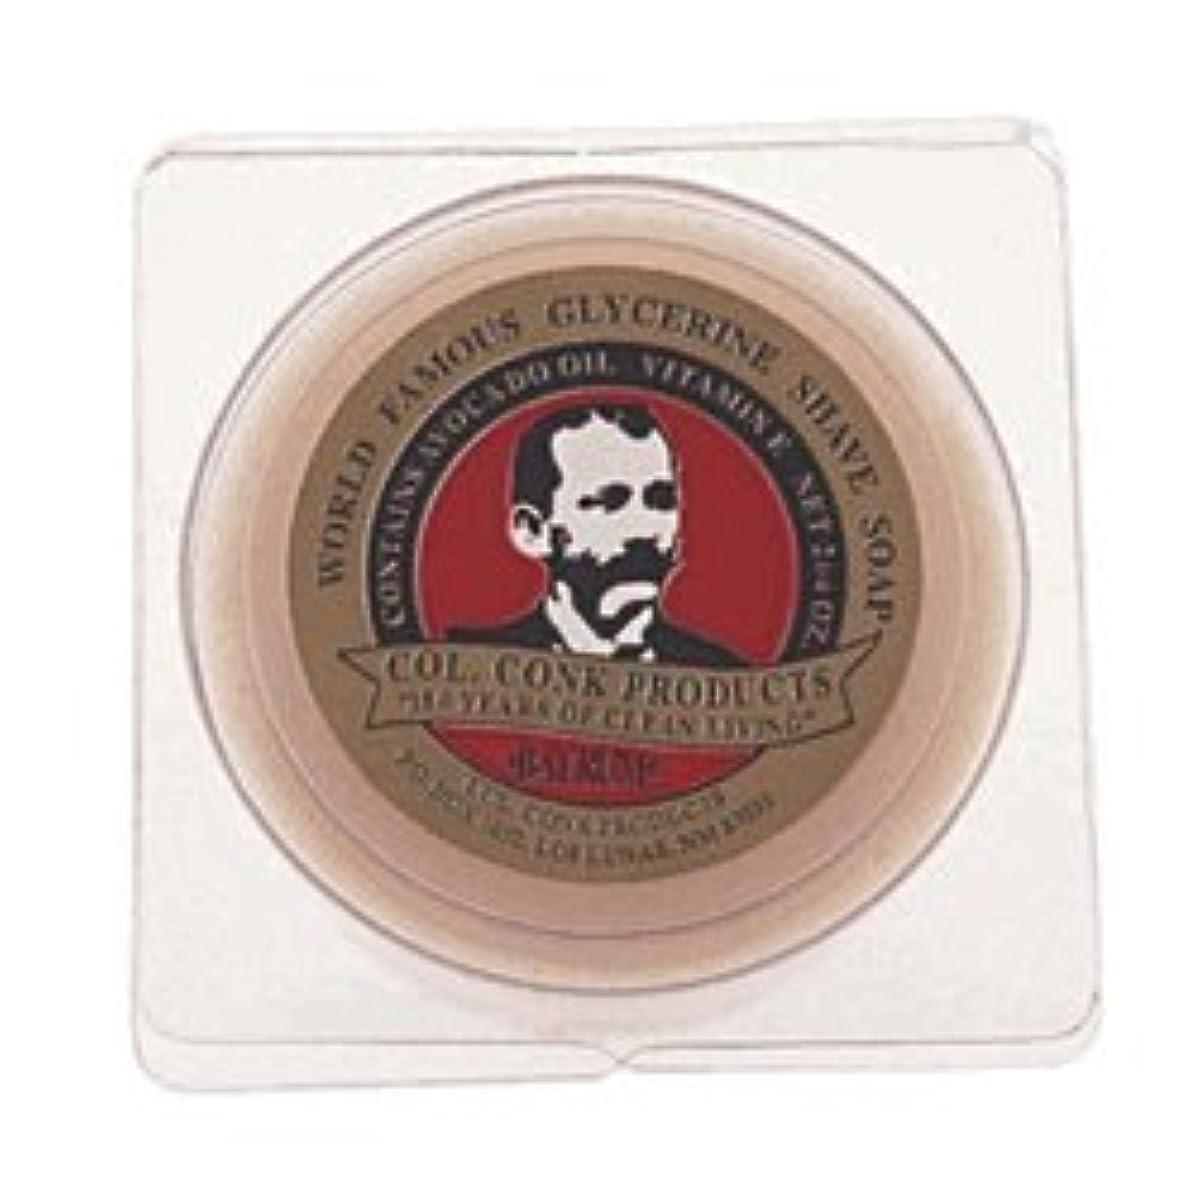 養う不名誉石油Colonel Conk Glycerin Shave Soap Bay Rum (106g) [並行輸入品]